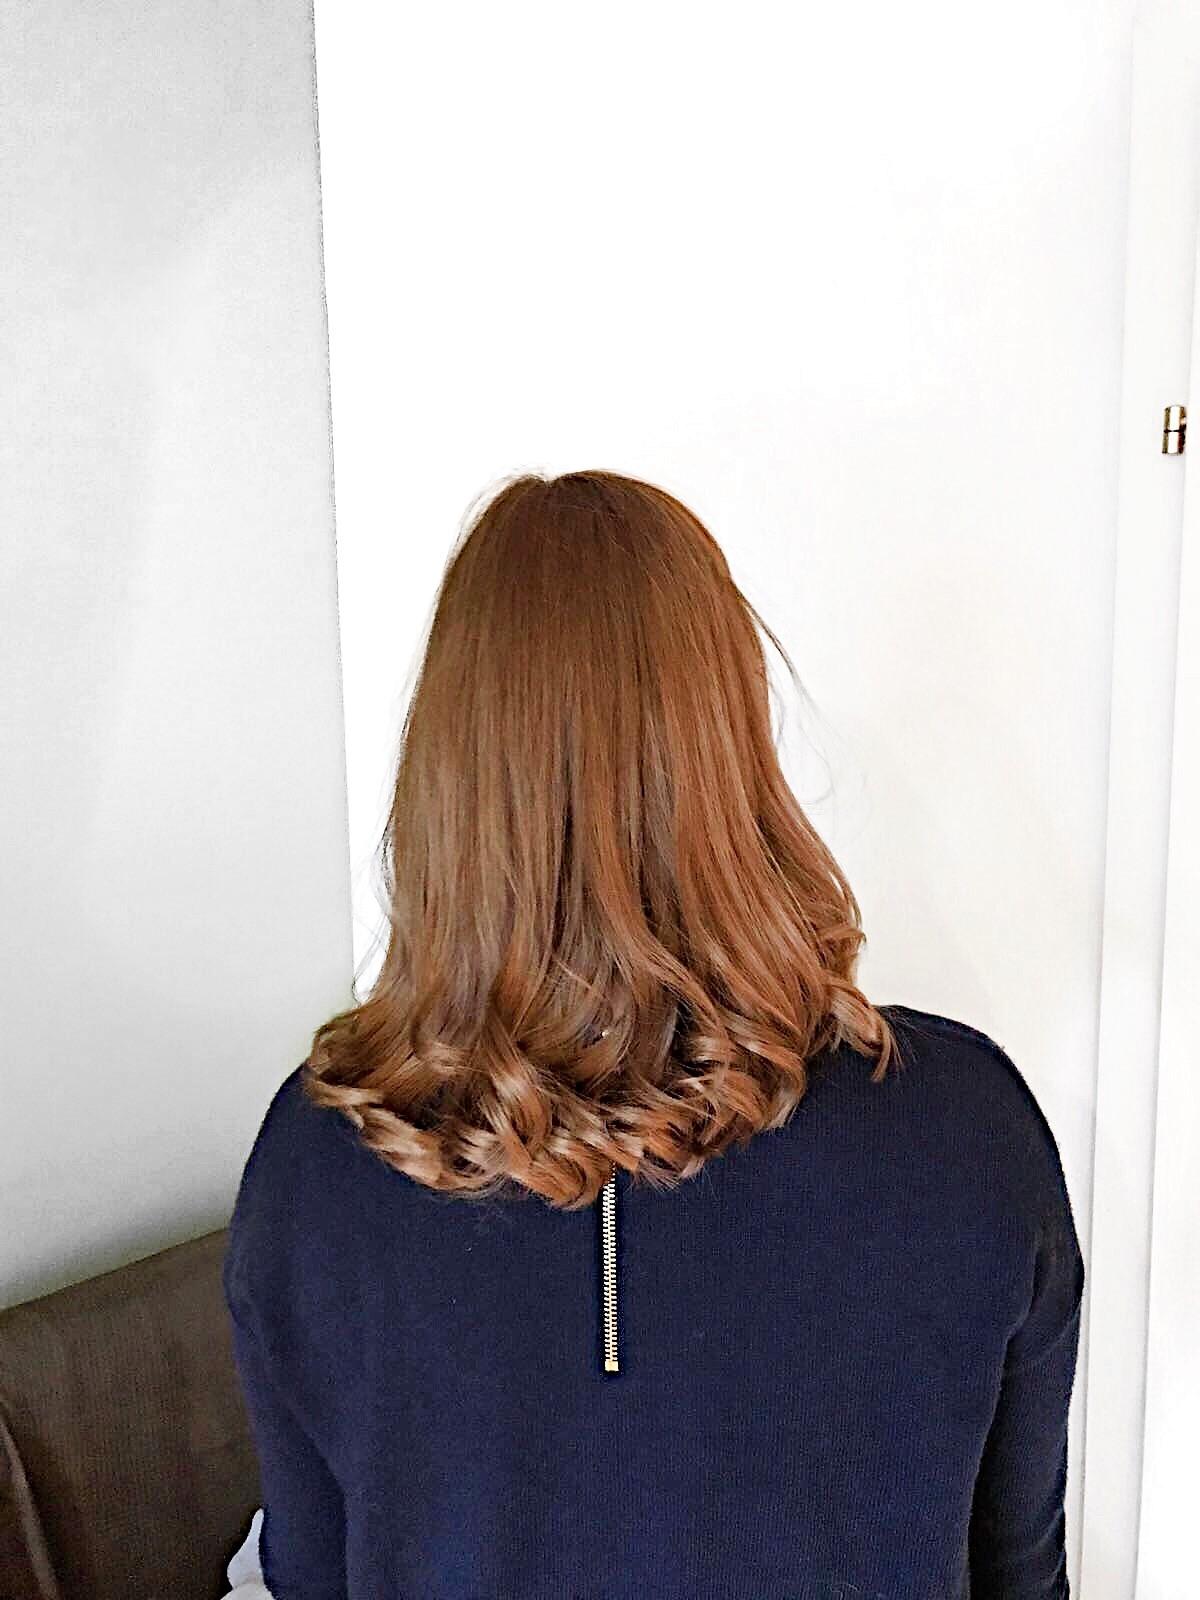 wie oft solltest du deine haare waschen center miss mara center